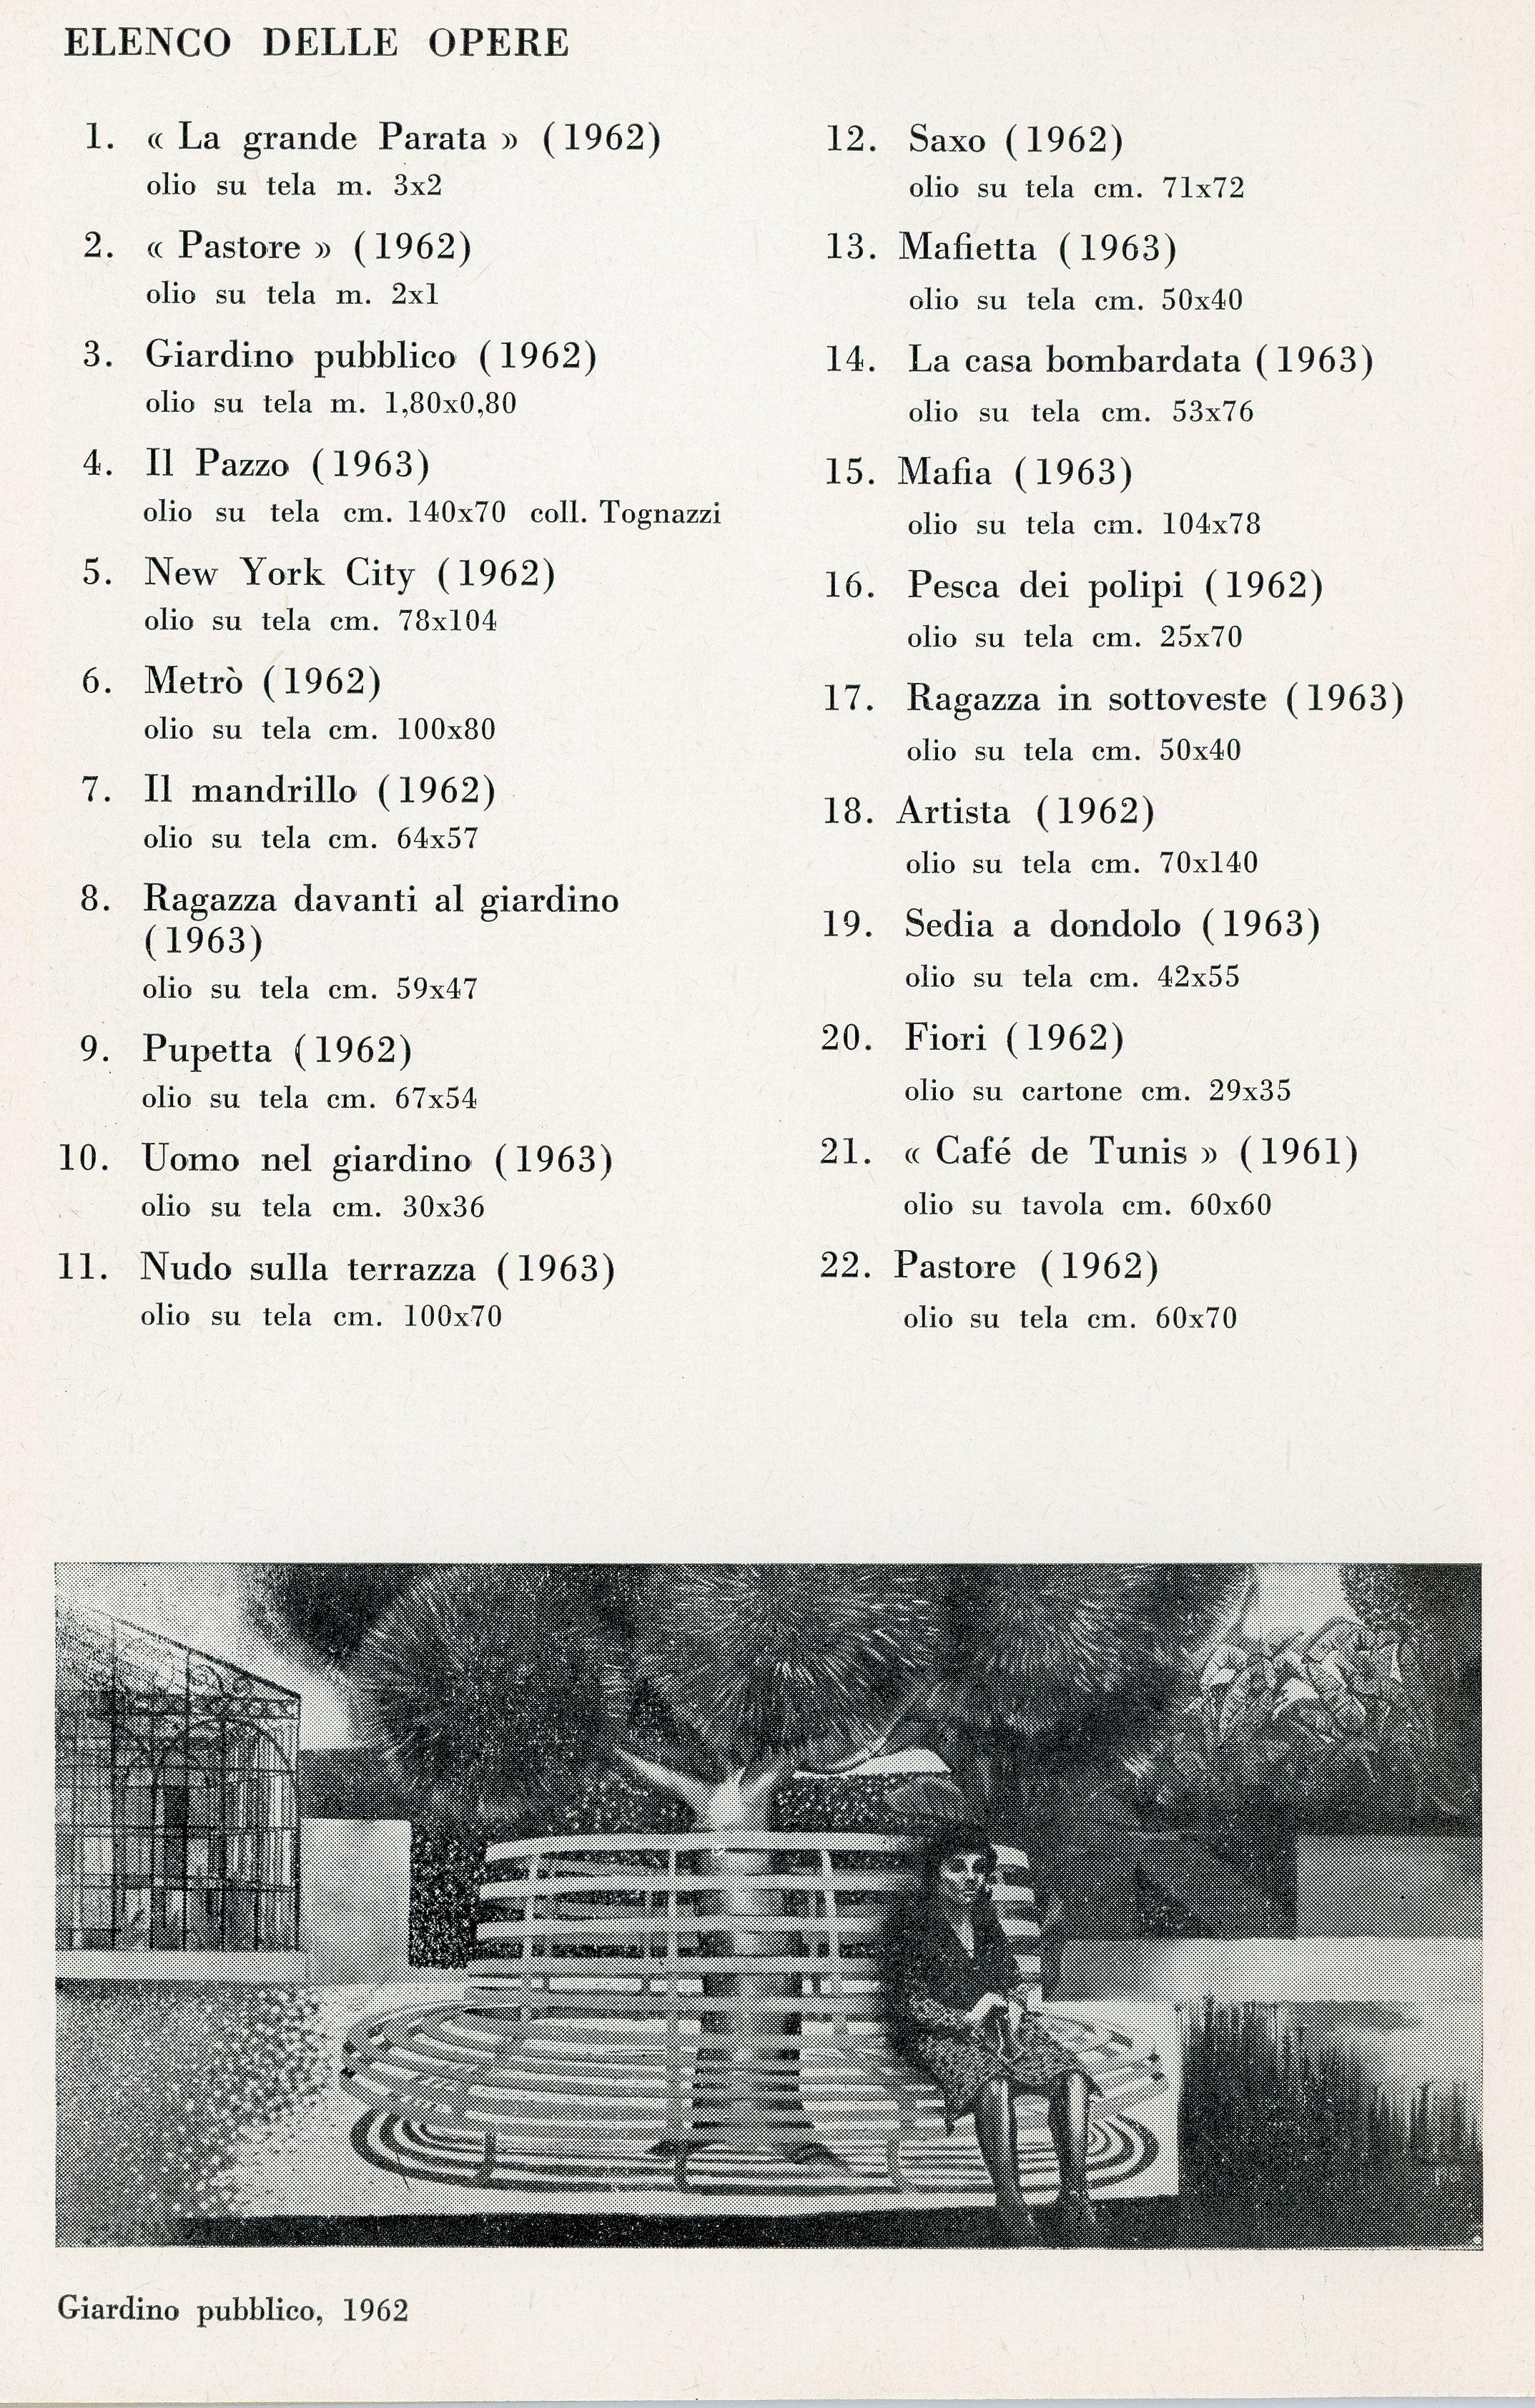 1963-03 Galleria don Chisciotte - Bruno Caruso_09.jpg